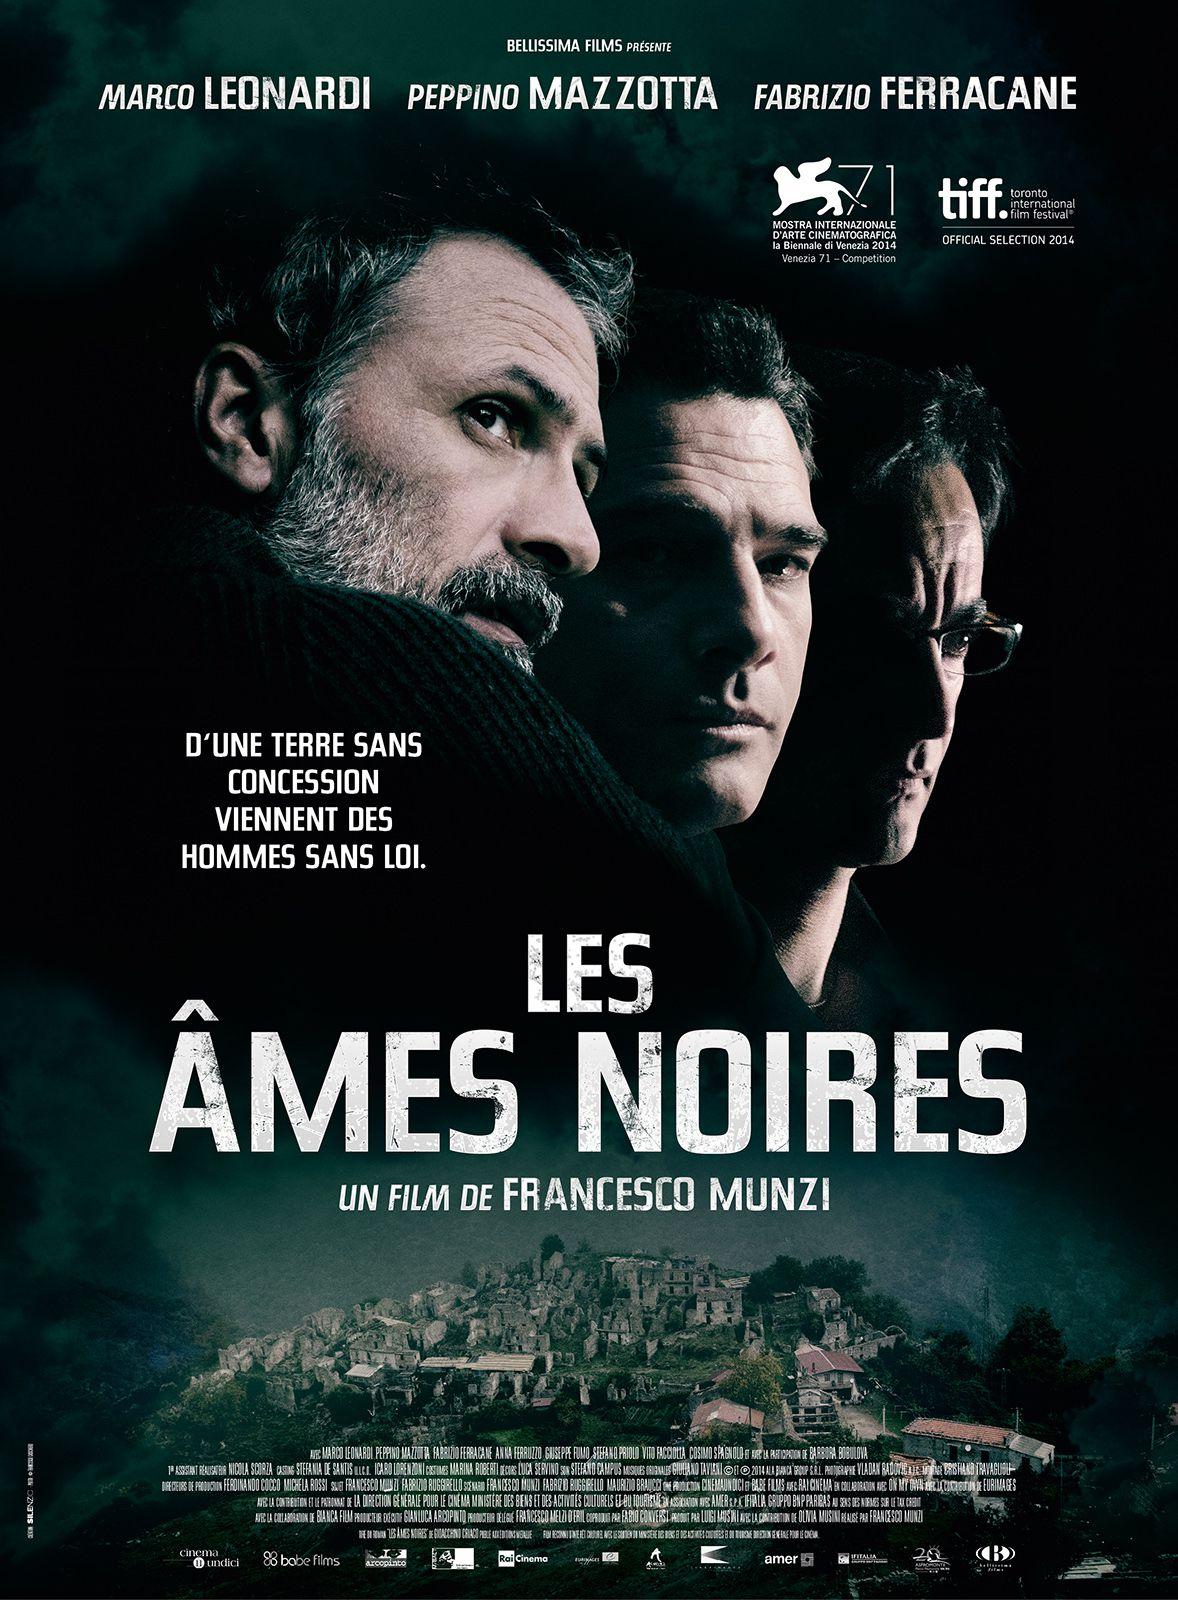 Les Âmes noires - Film (2014)